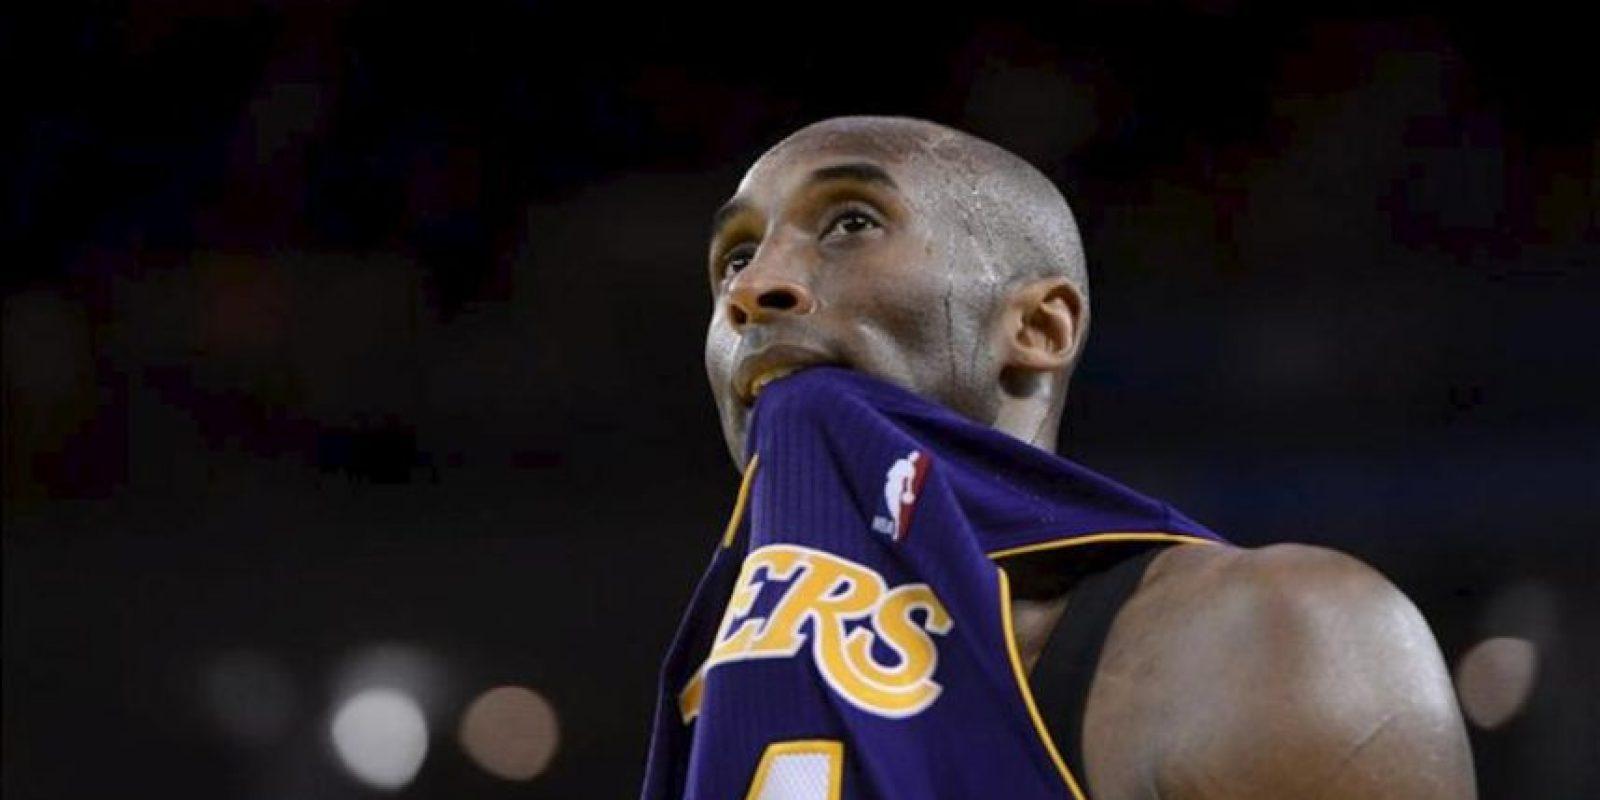 El jugador de Los Angeles Lakers Kobe Bryant durante su partido de la NBA disputado contra los Golden State Warriors en el Oracle Arena de Oakland, California, EE.UU.. EFE